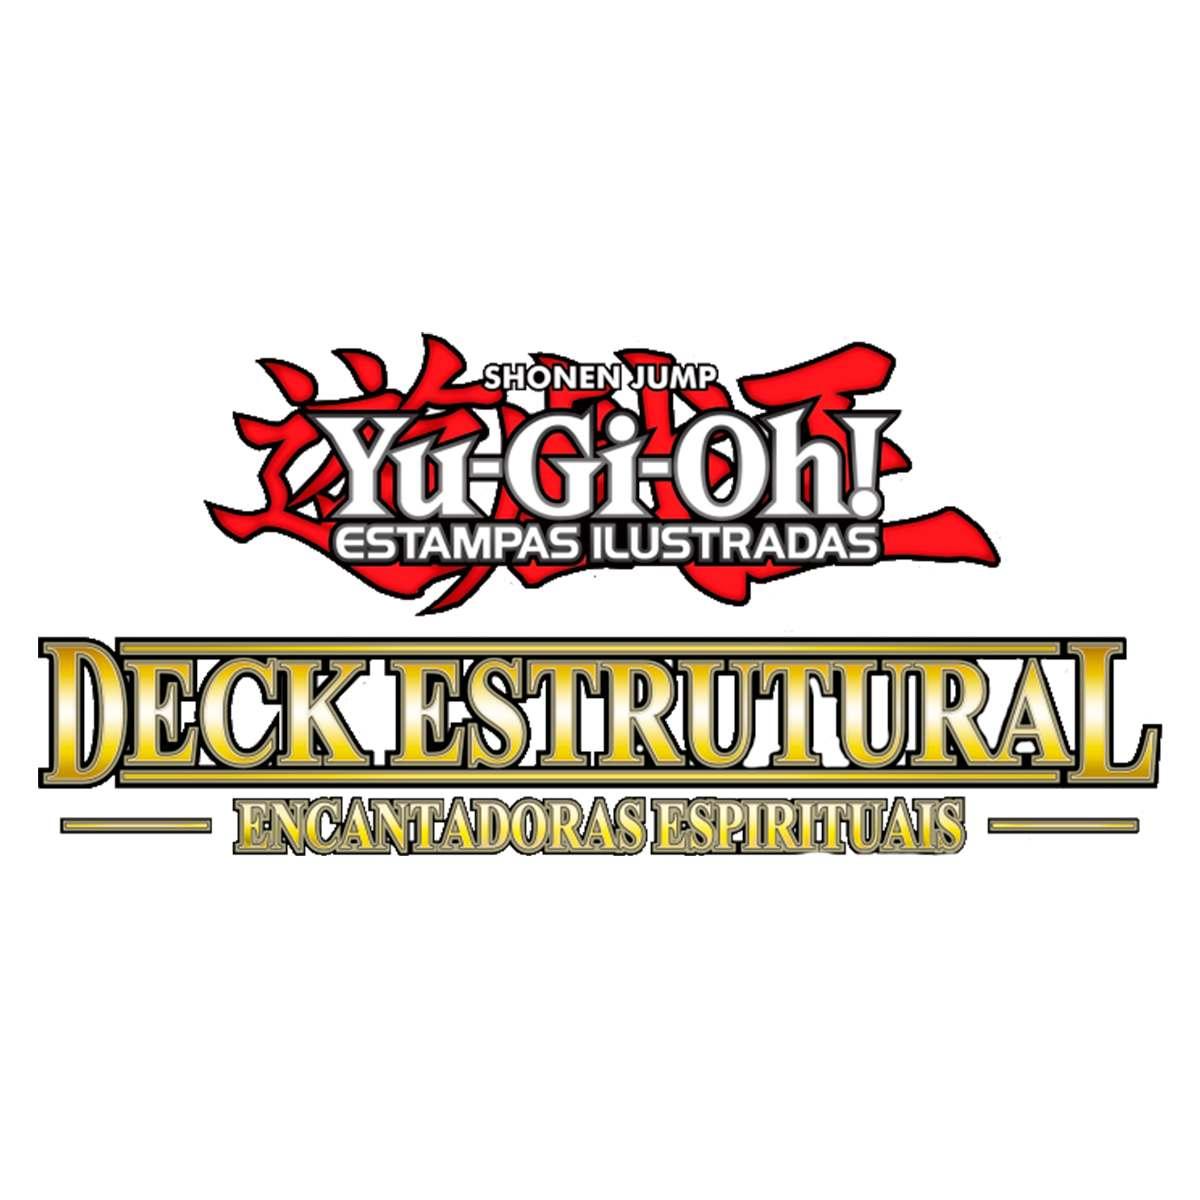 Yugioh Deck Estrutural Encantadoras Espirituais - Spirit Charmers